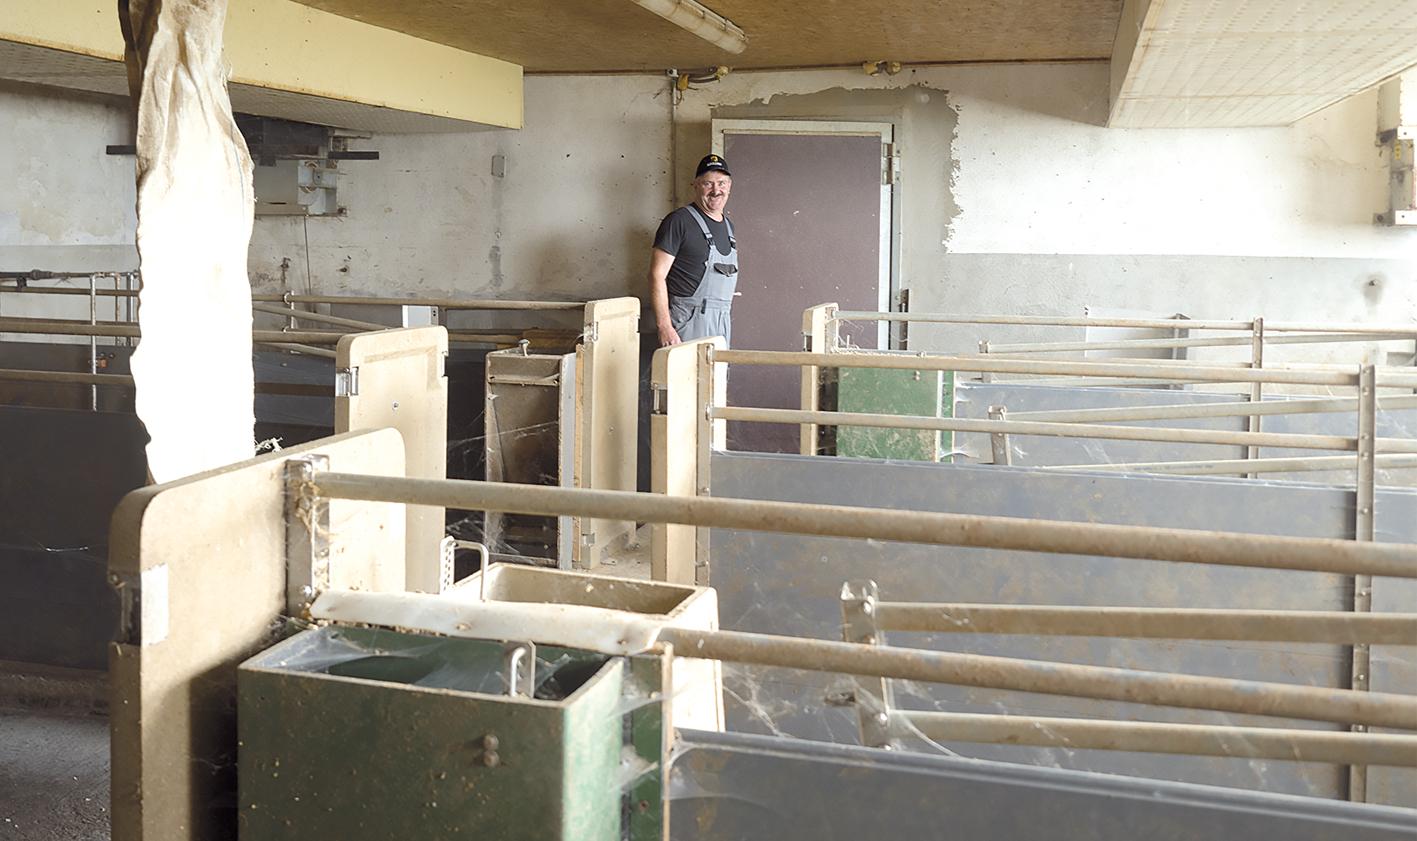 Heimisches Schweinefleisch fand zu wenig Absatz. Christoph Mähr hat umsonst in einen Stall investiert.